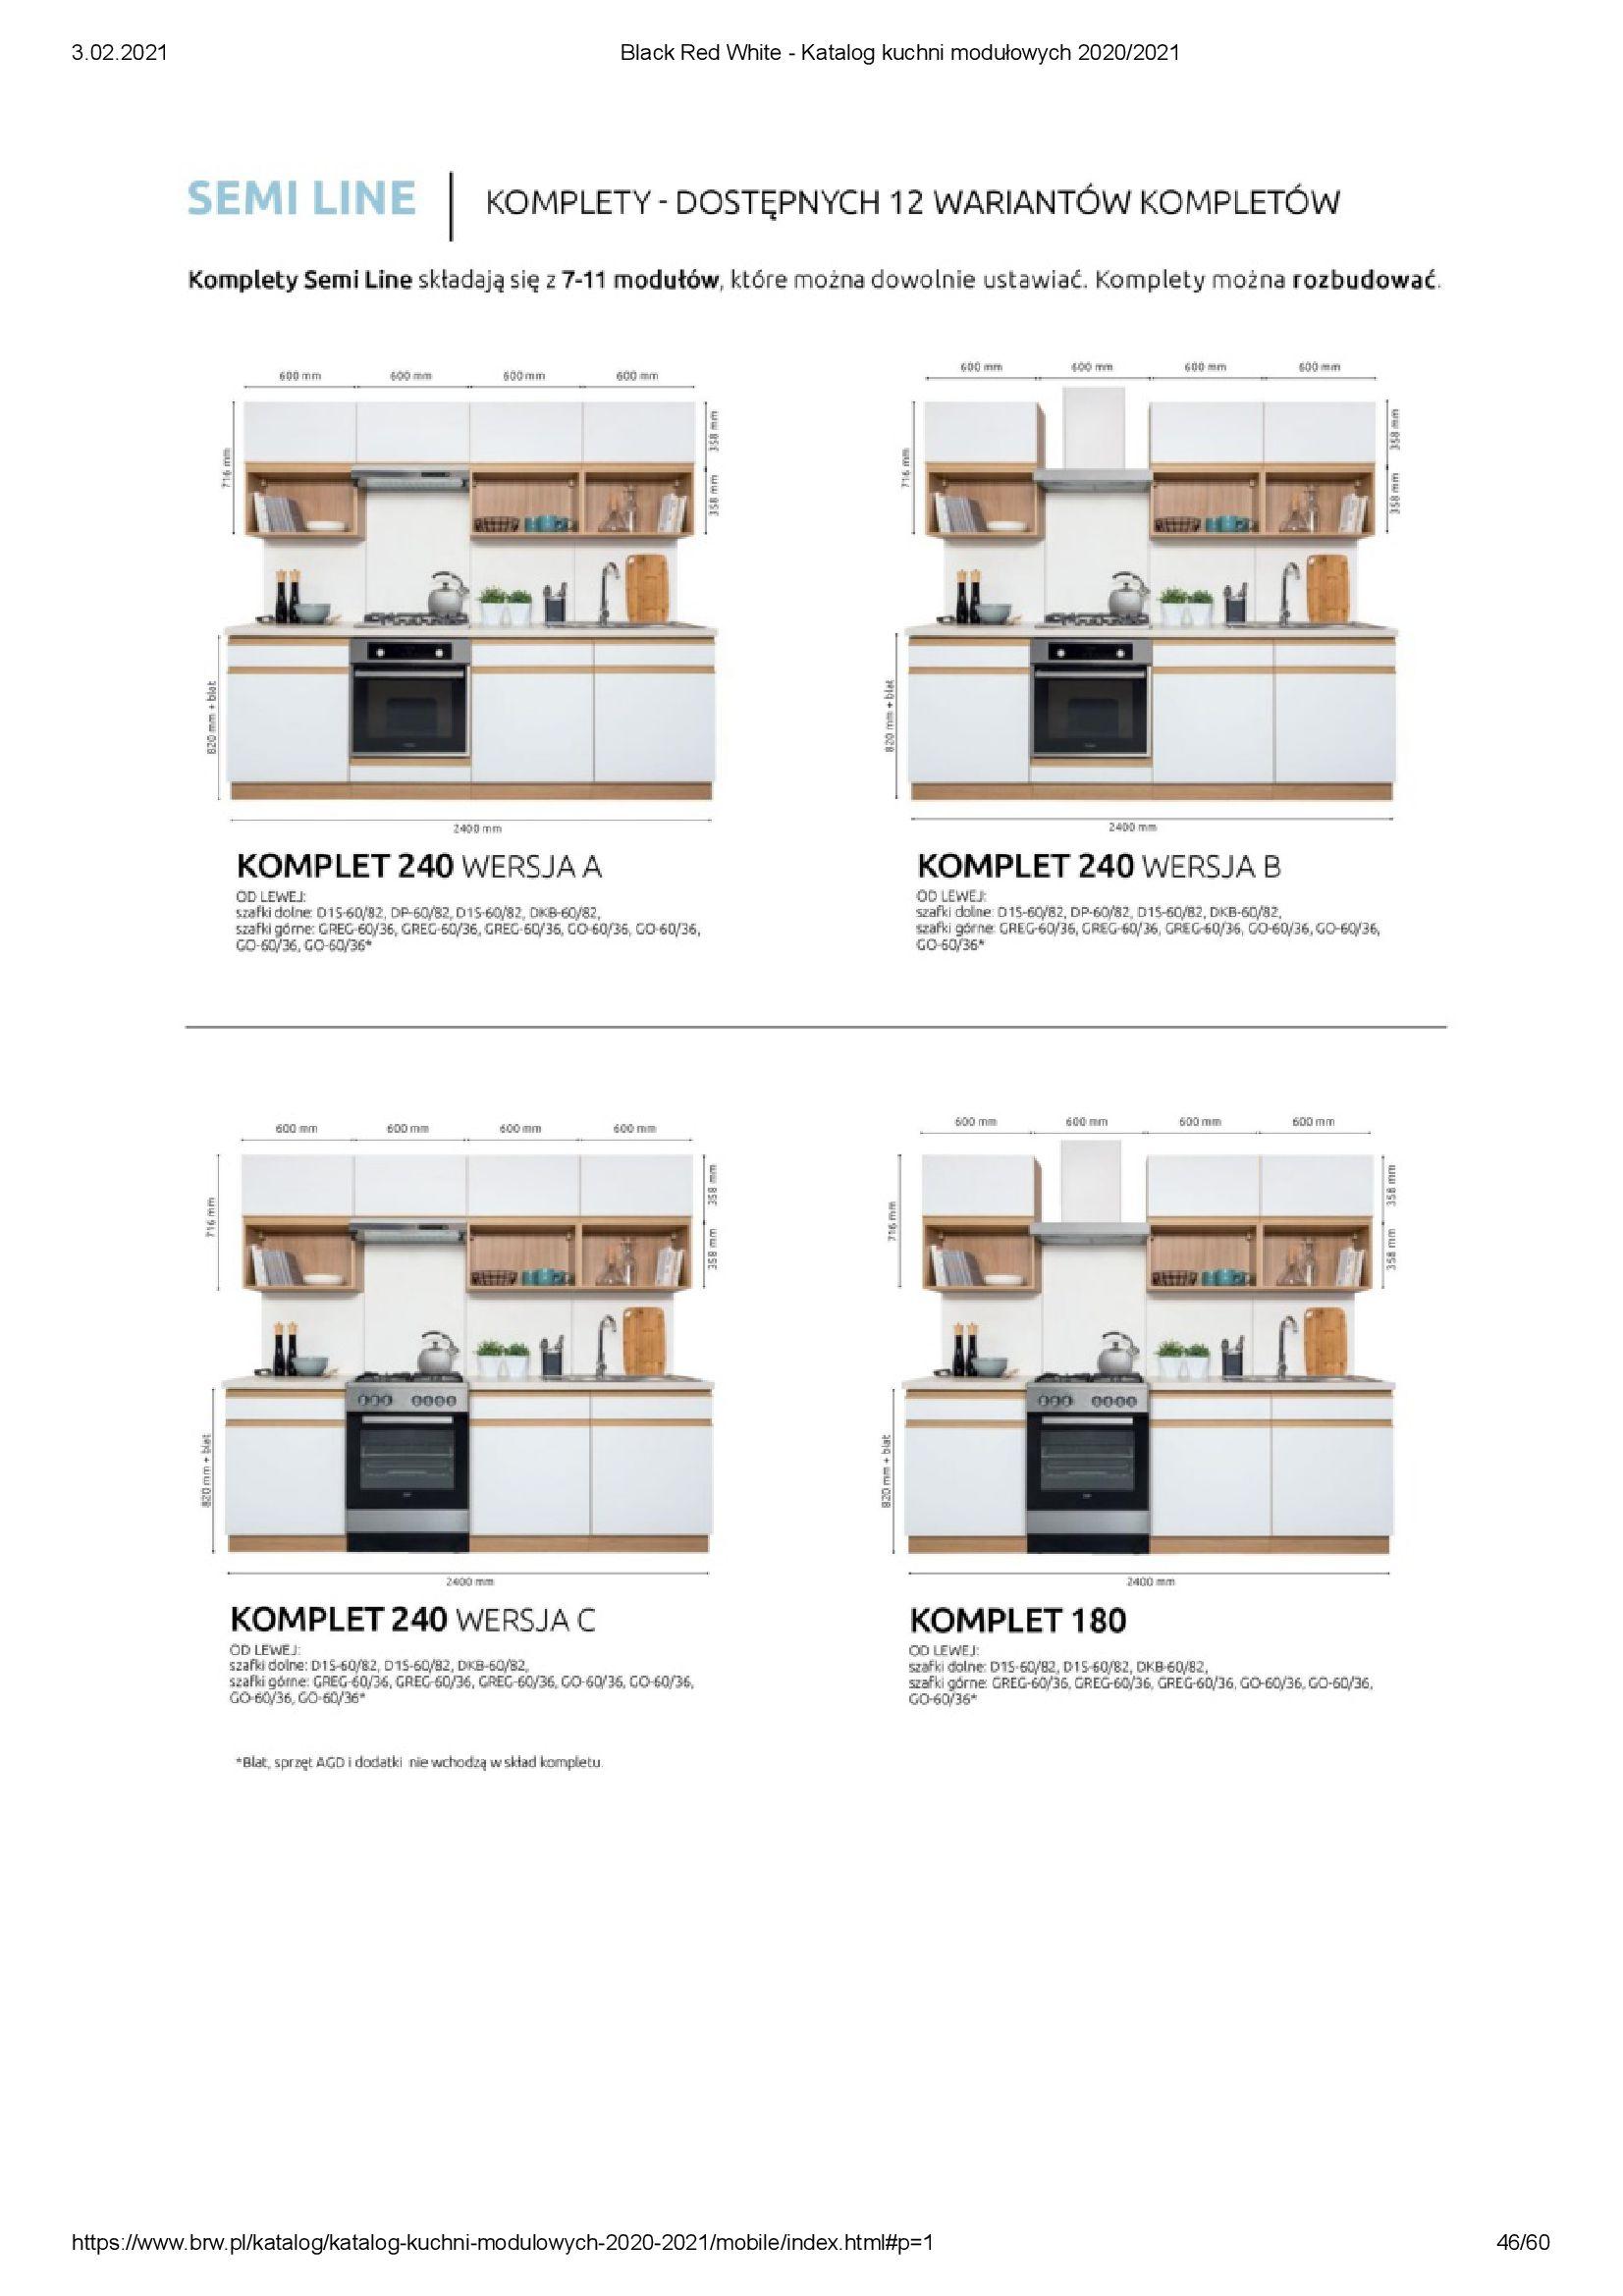 Gazetka Black Red White: Katalog - Kuchnie modułowe 2020/2021 2021-01-01 page-46